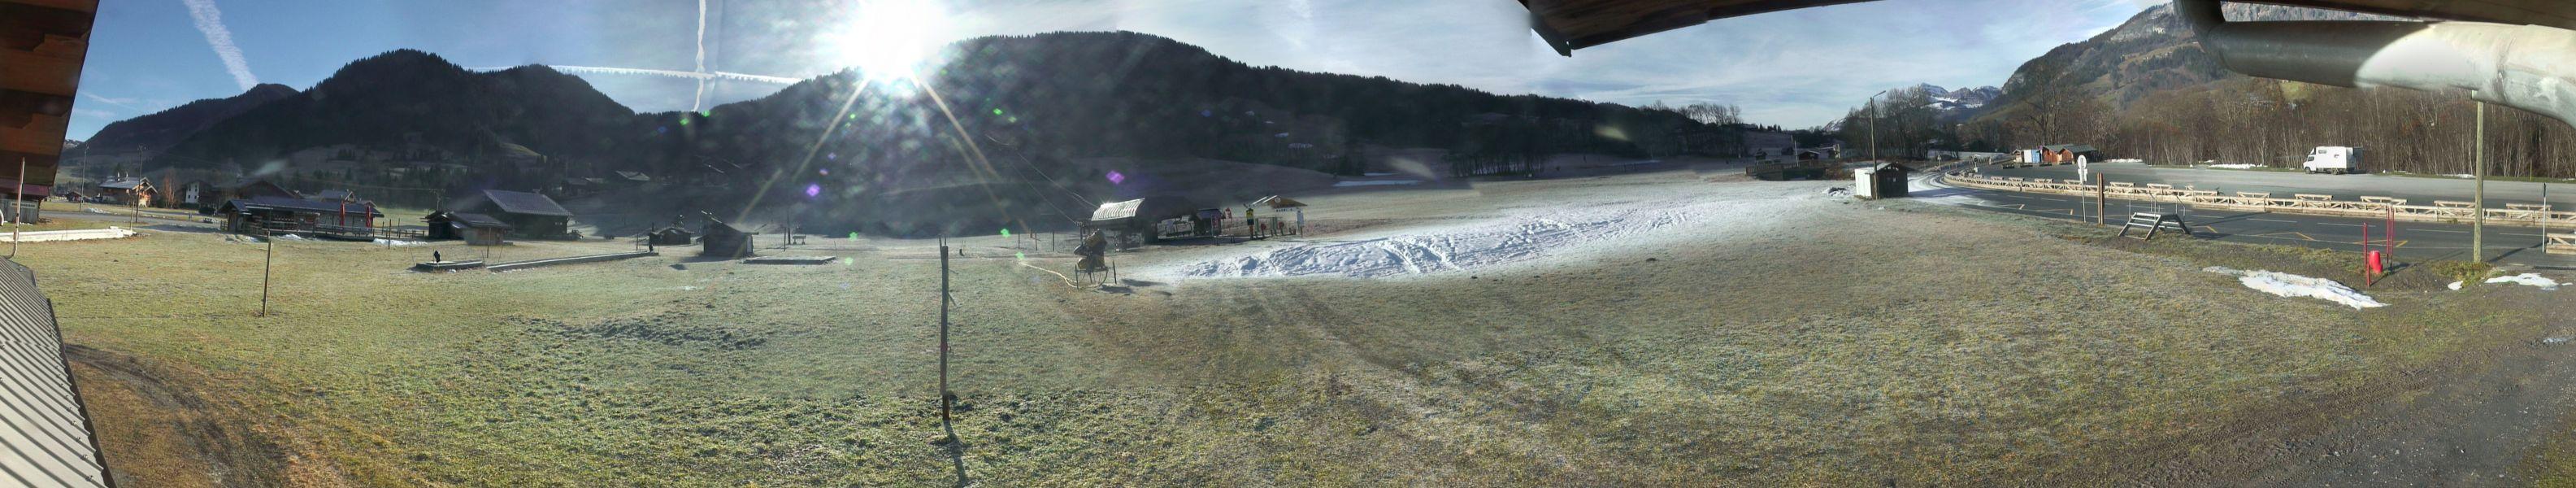 Le front de neige des Varins à Praz sur Arly, où seuls subsistent quelques tas de neige artificielle